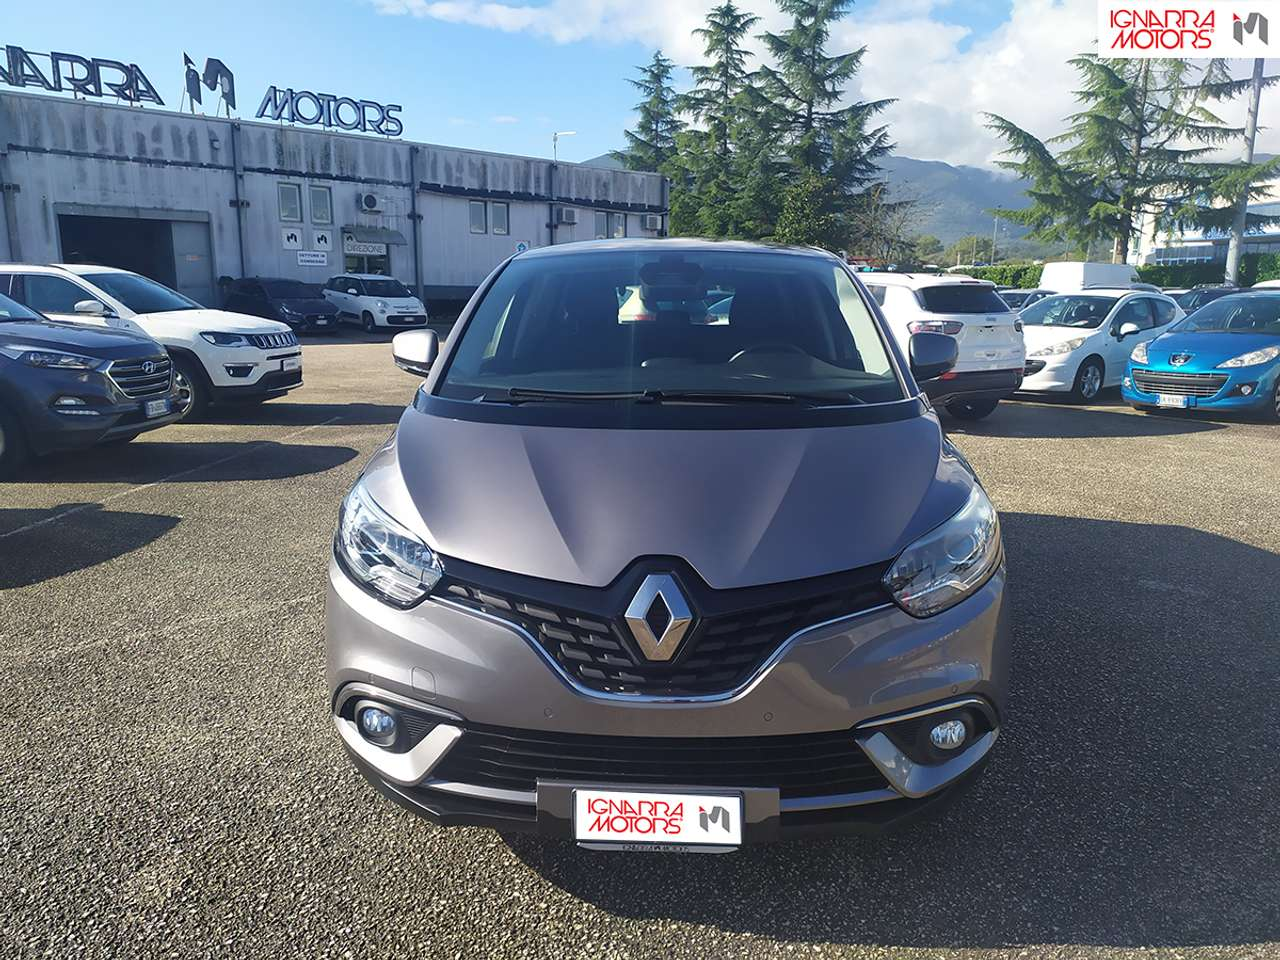 Renault Scenic 1.5 DCI Energy Zen 110 CV